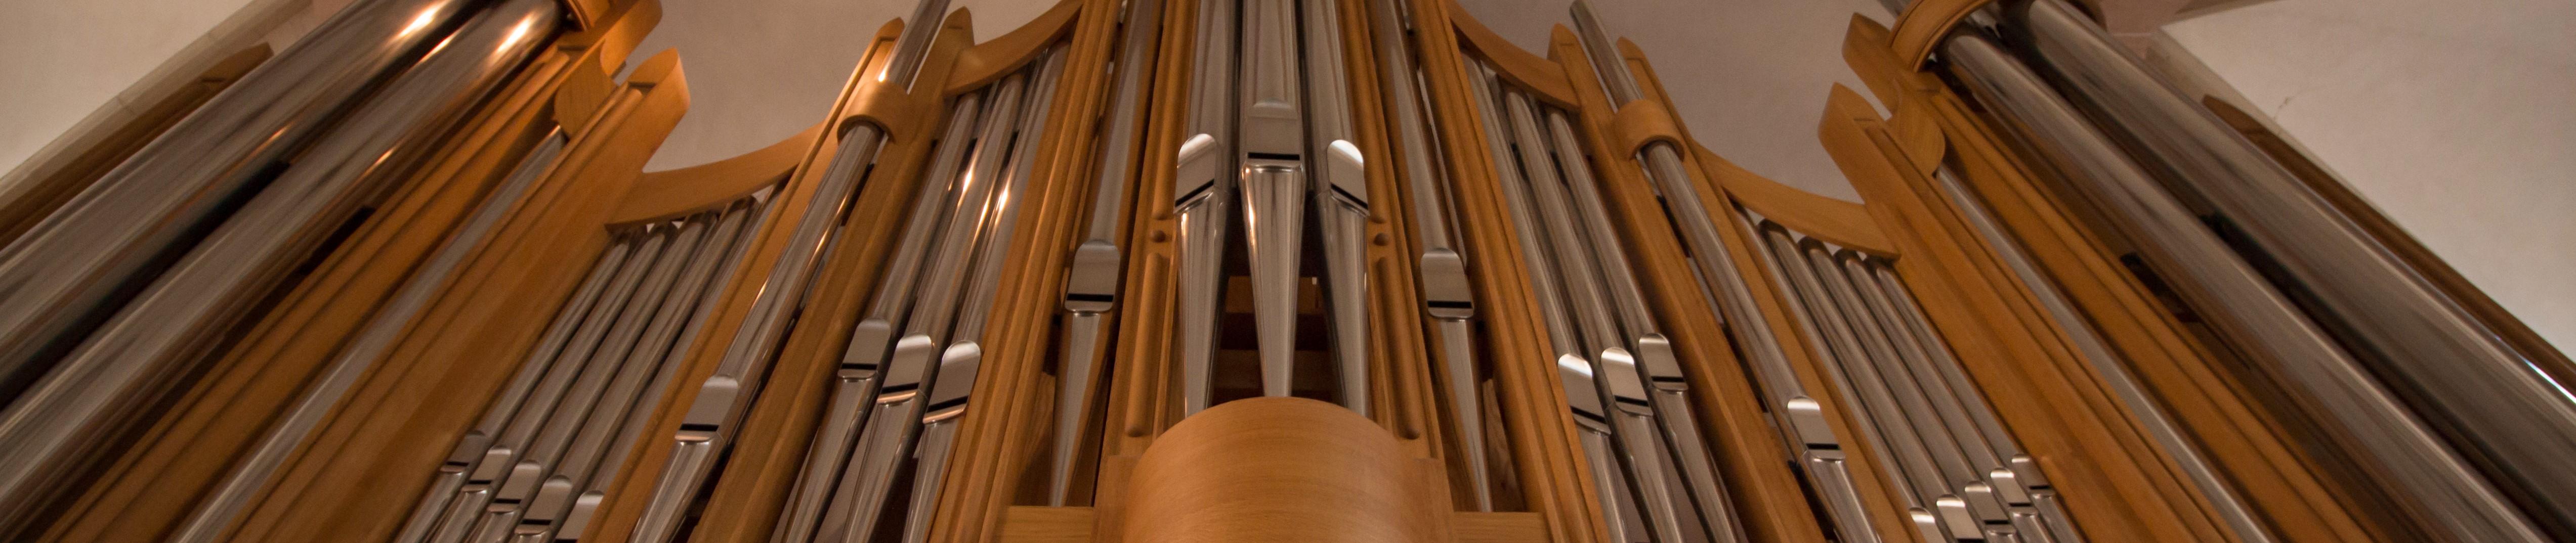 Detmold, Lutherkirche: Paschen Orgel